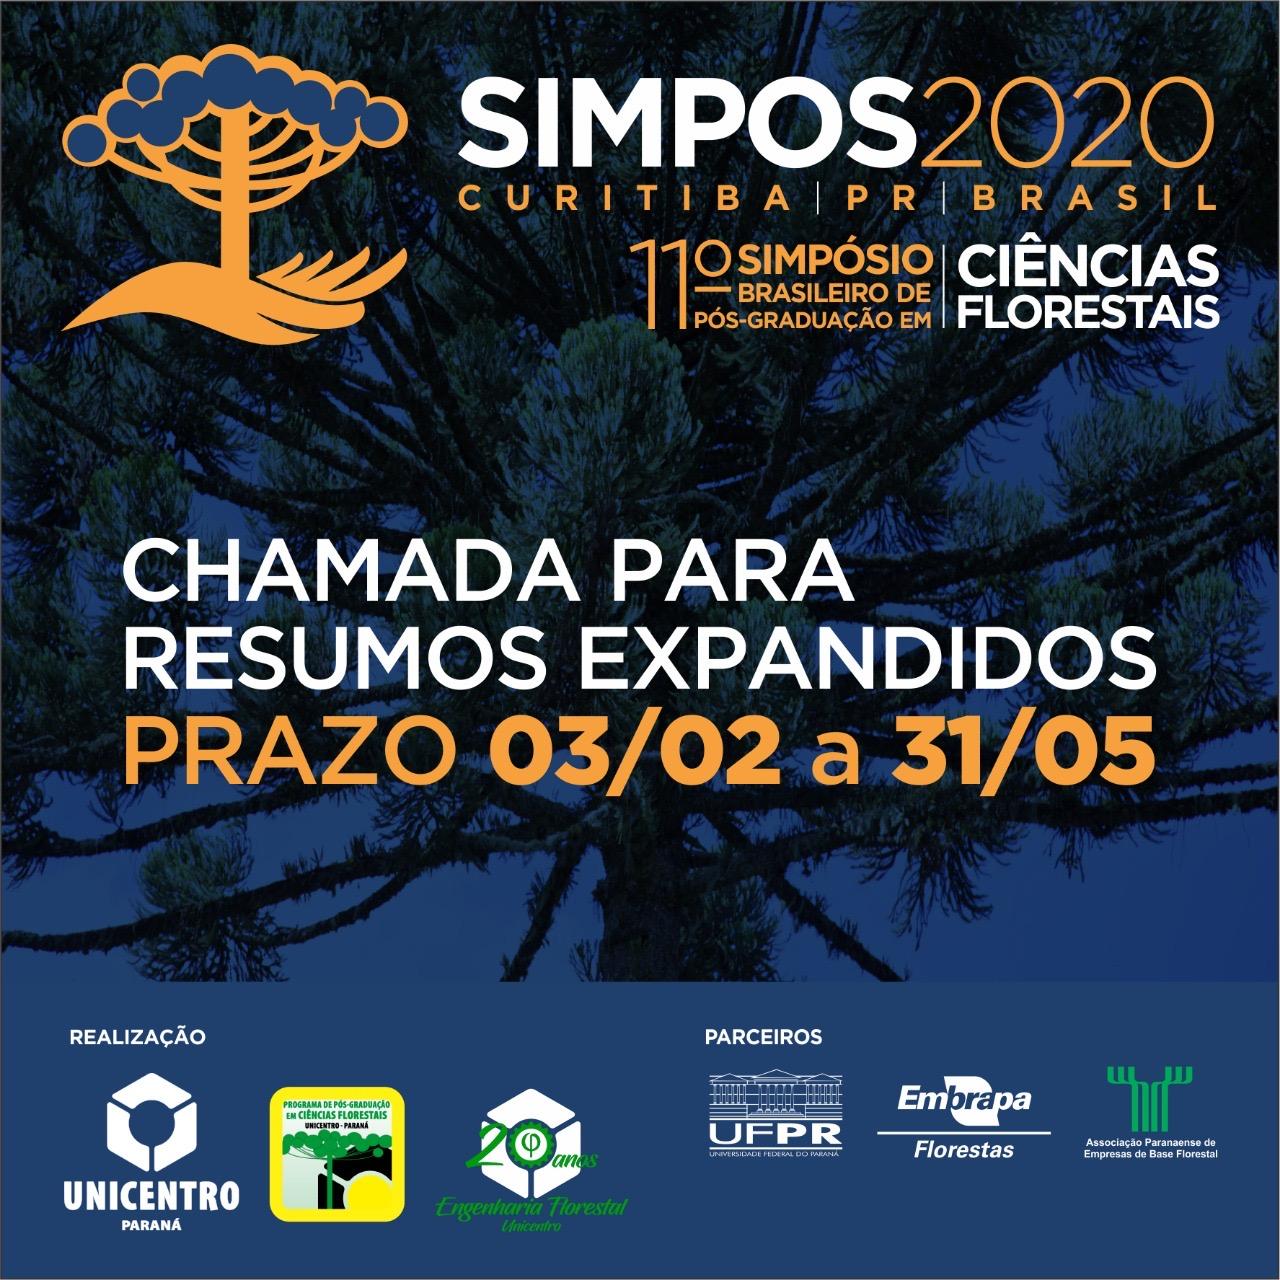 Simpos2020